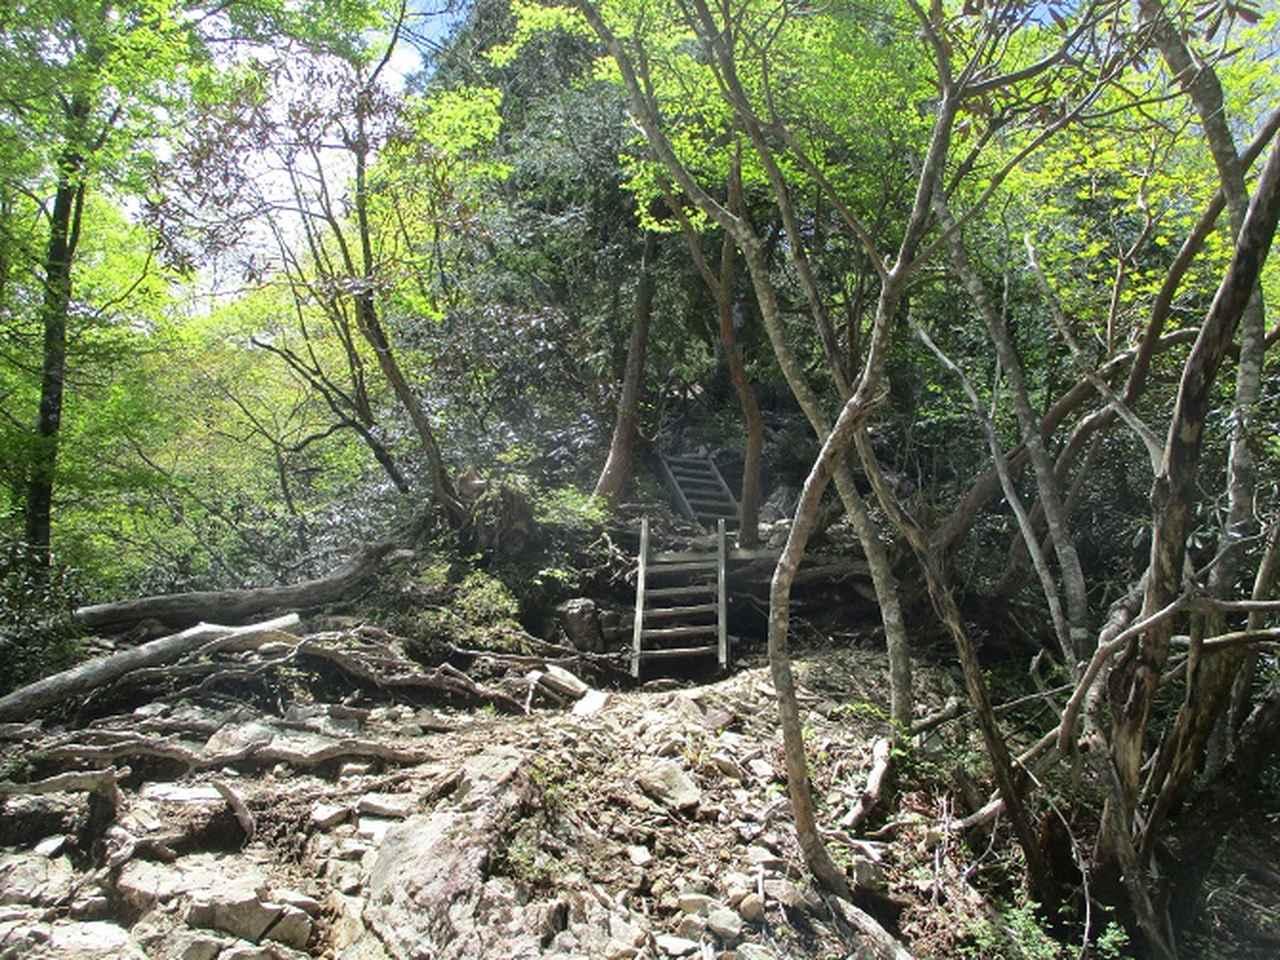 画像4: 来年の宿泊ツアーの企画素材を探して奈良県の大峰山に行ってきました!